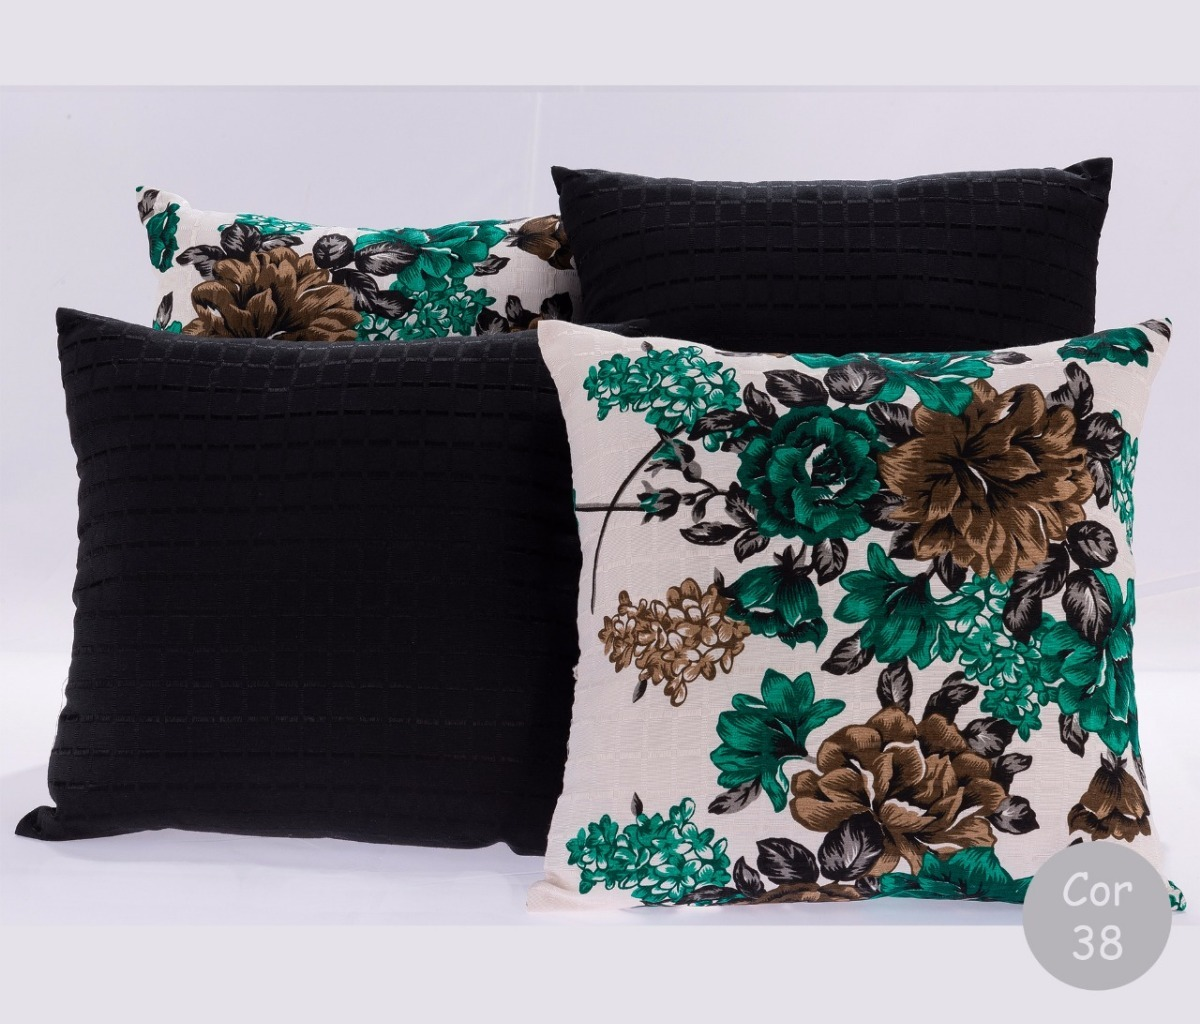 8ee17f7dc8 Kit Com 4 Almofadas Estampadas Decorativas Tecido Jacquard - R  45 ...